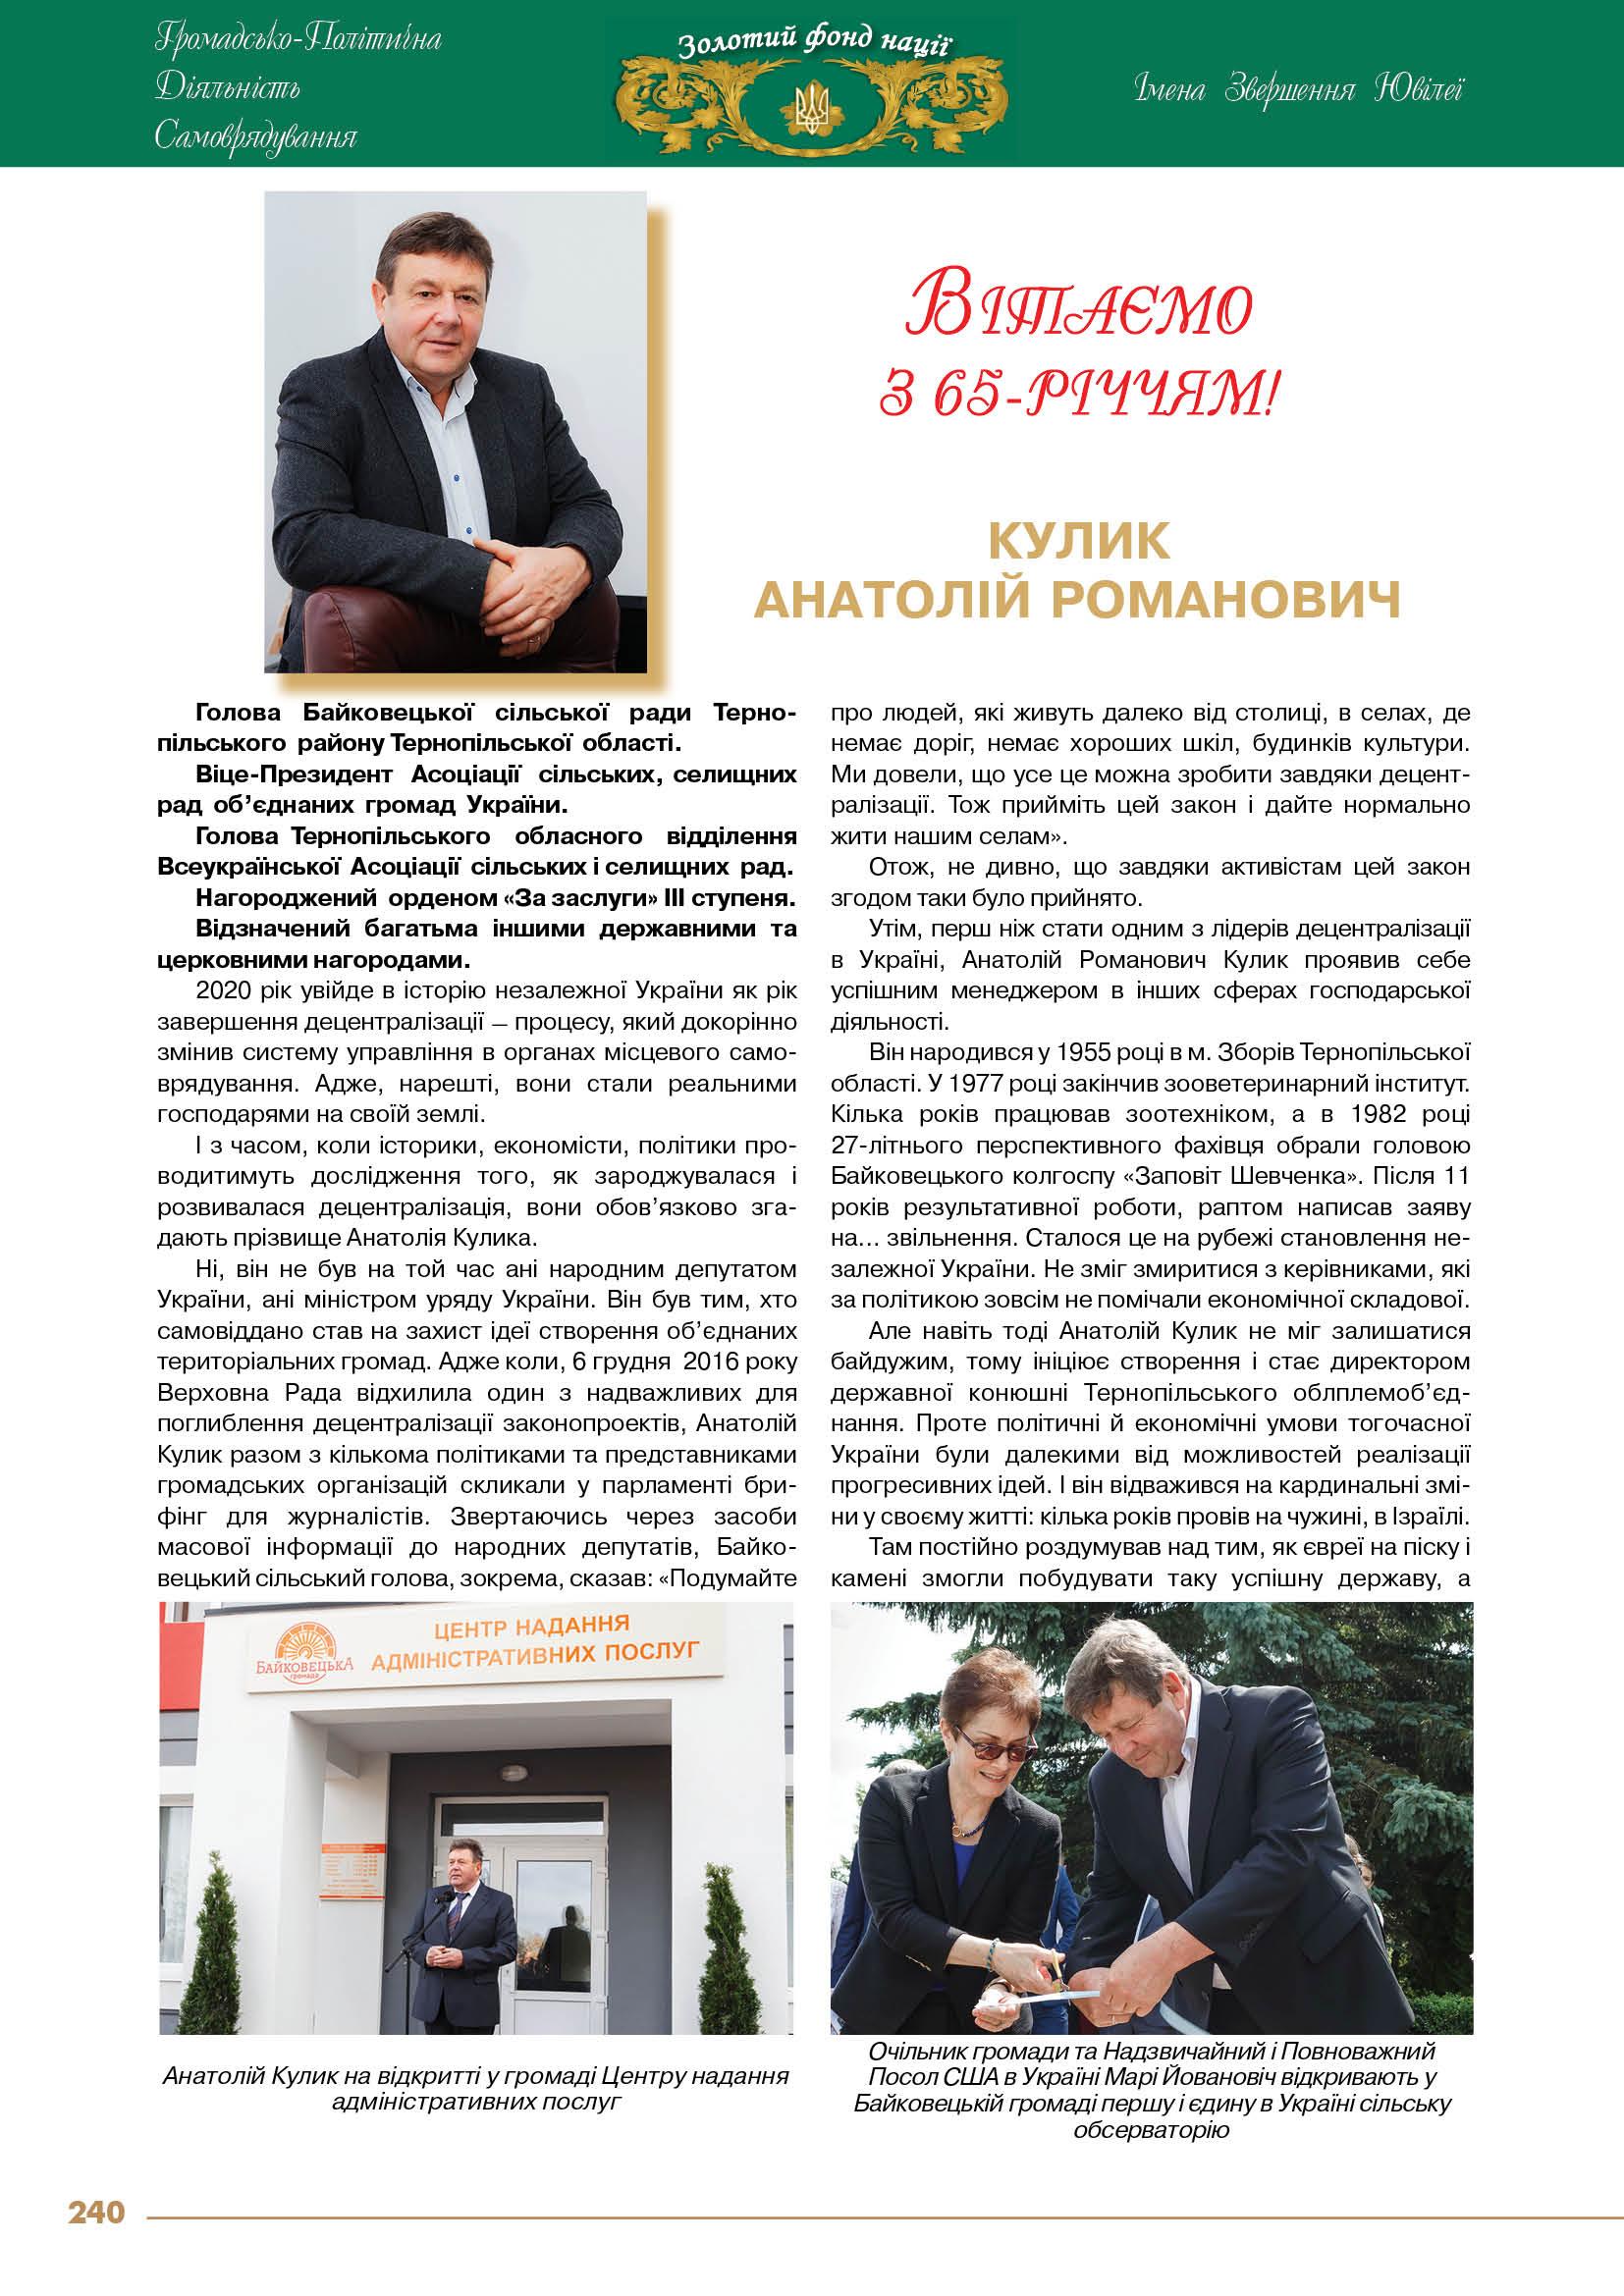 Кулик Анатолій Романович